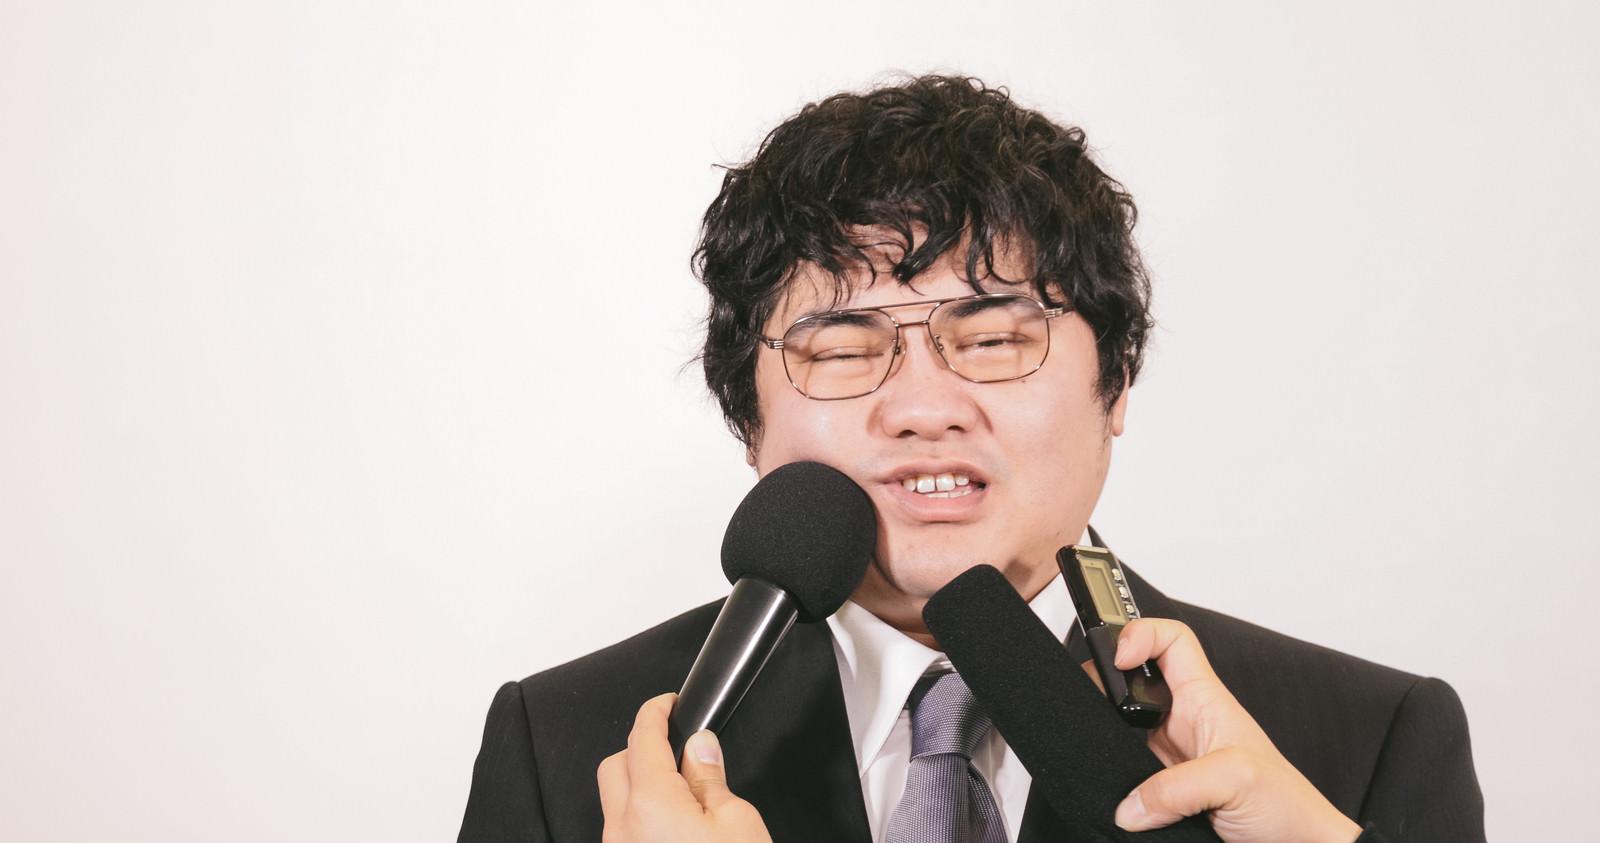 「過剰なインタビューで困惑する責任者」の写真[モデル:段田隼人]